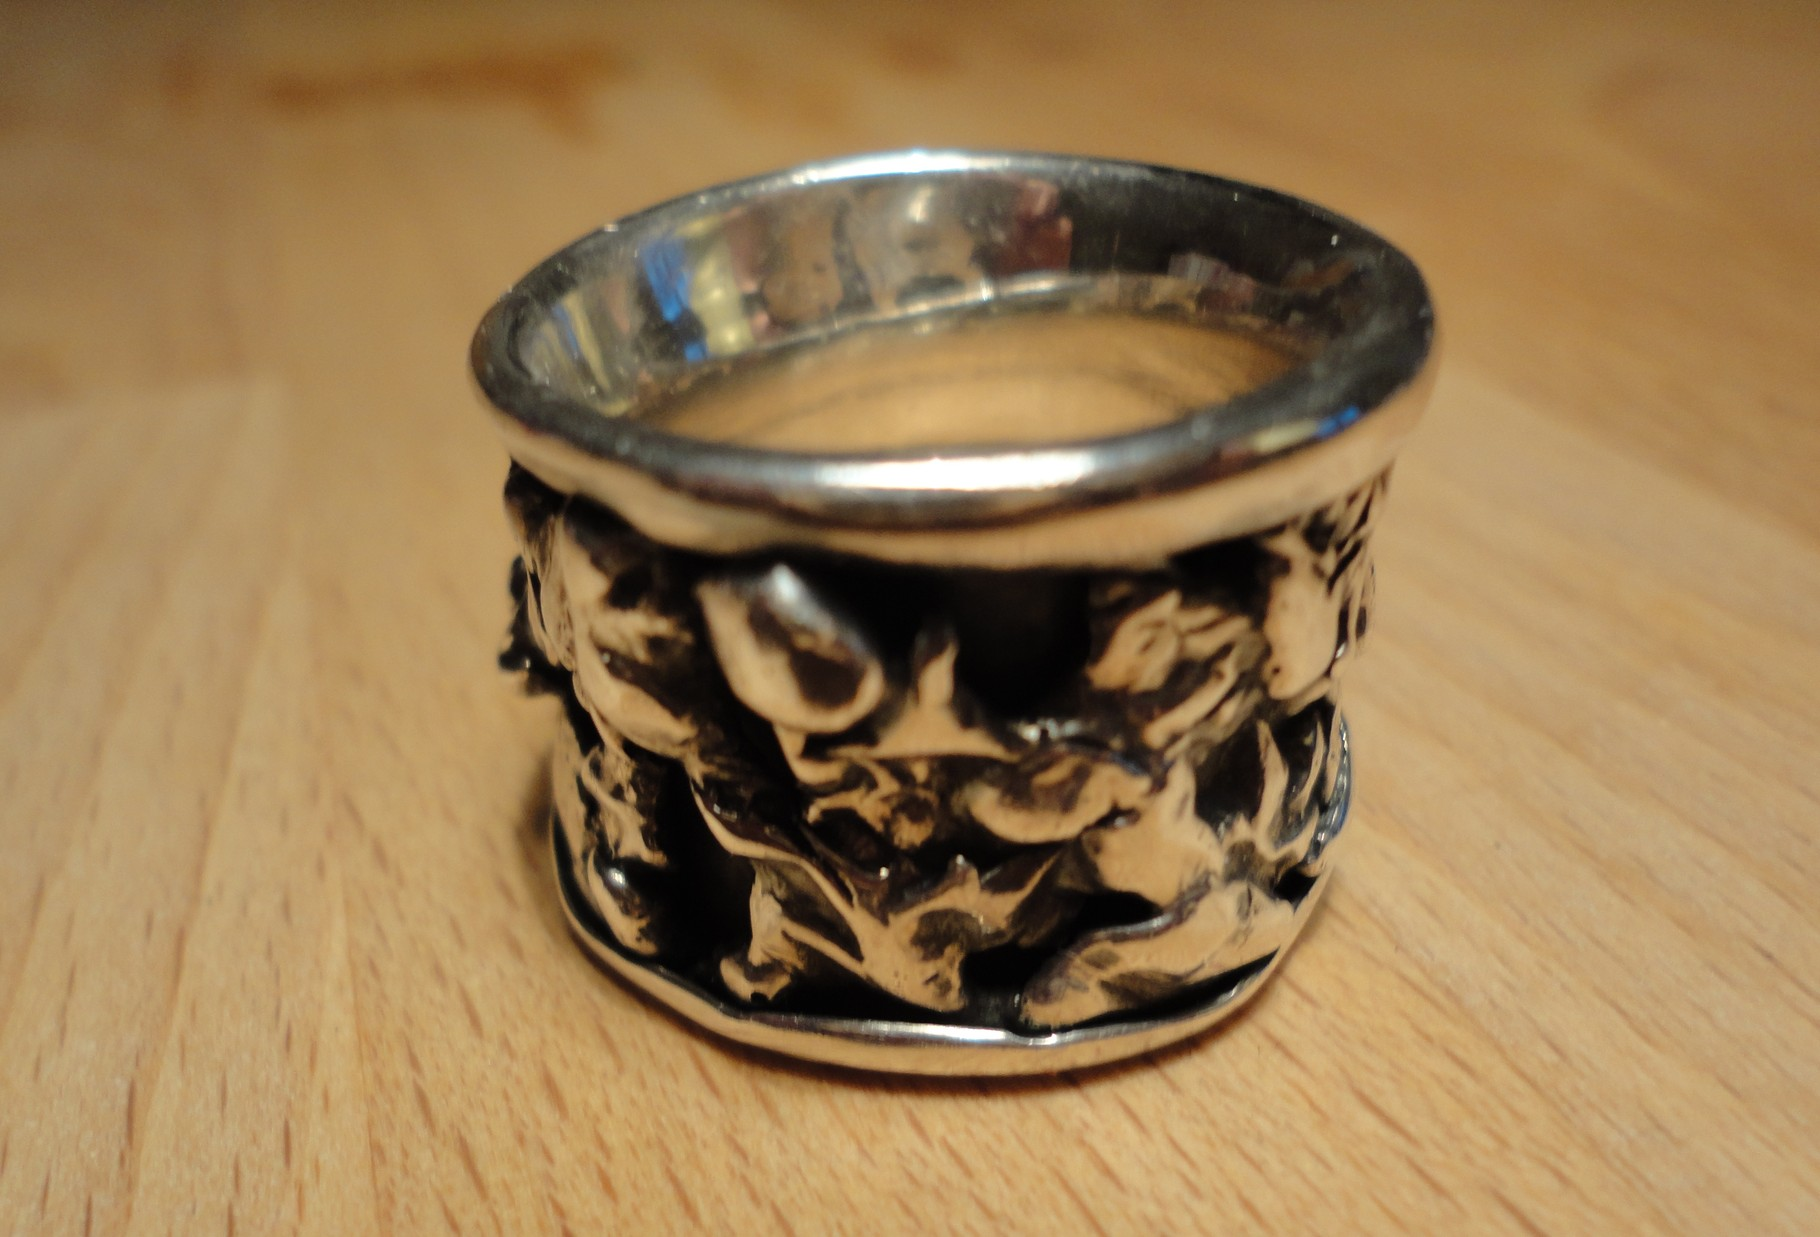 geschwärzter Silberring mit Nugget-Auflagen (925 Sterlingsilber) Preis: CHF 220.-